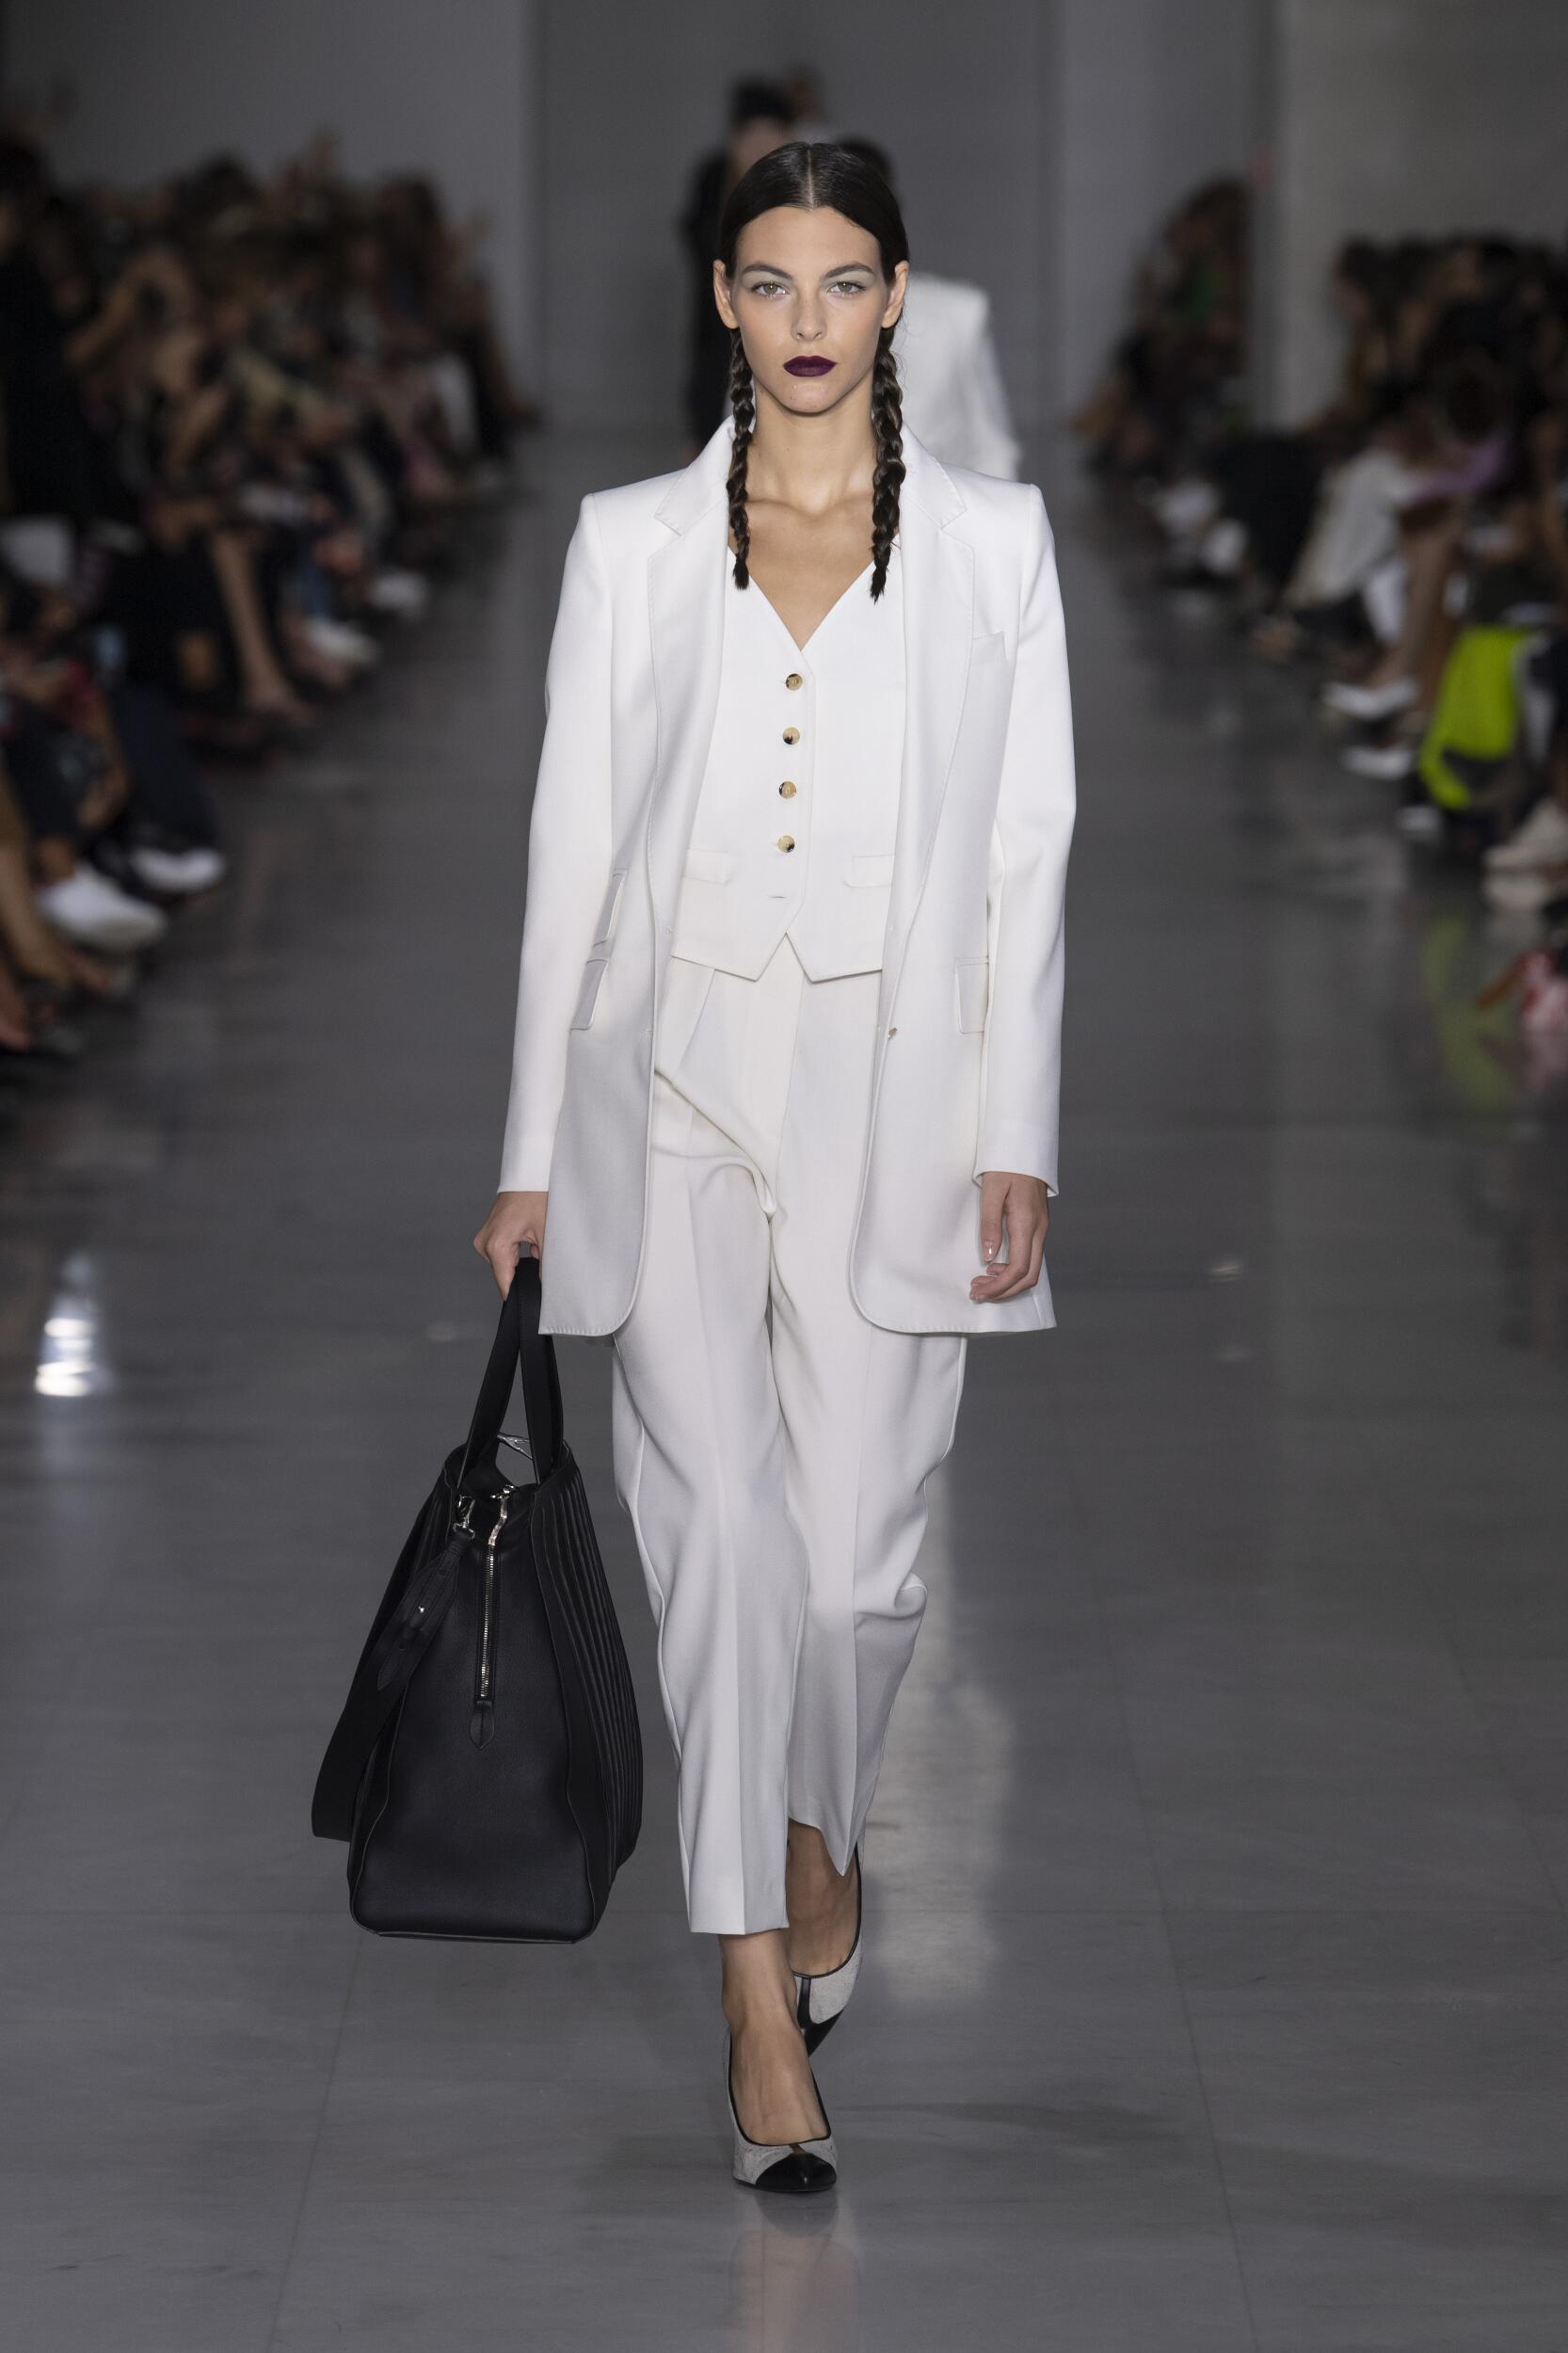 Catwalk Max Mara Woman Fashion Show Summer 2020